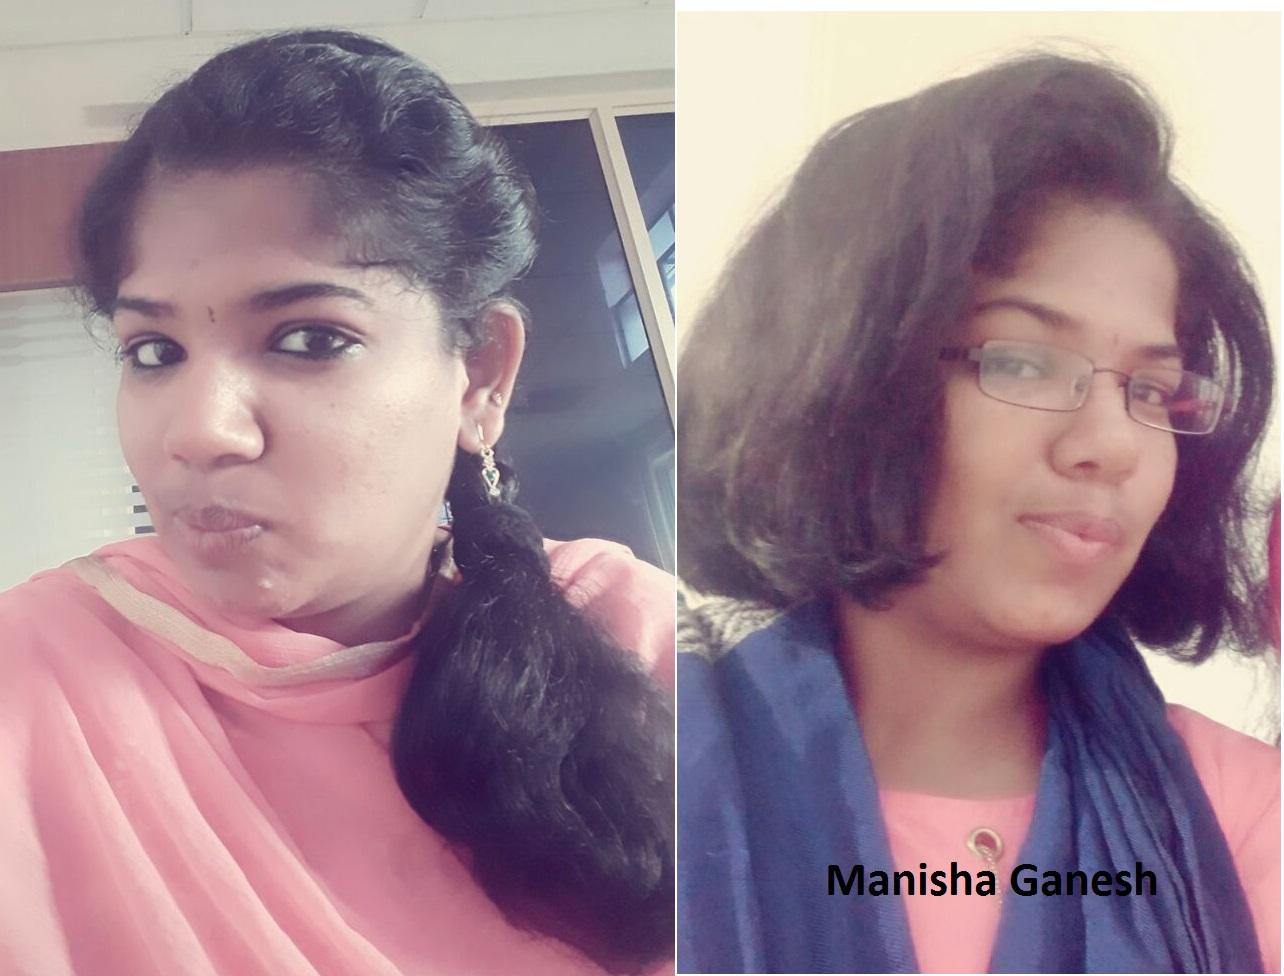 Manisha Ganesh